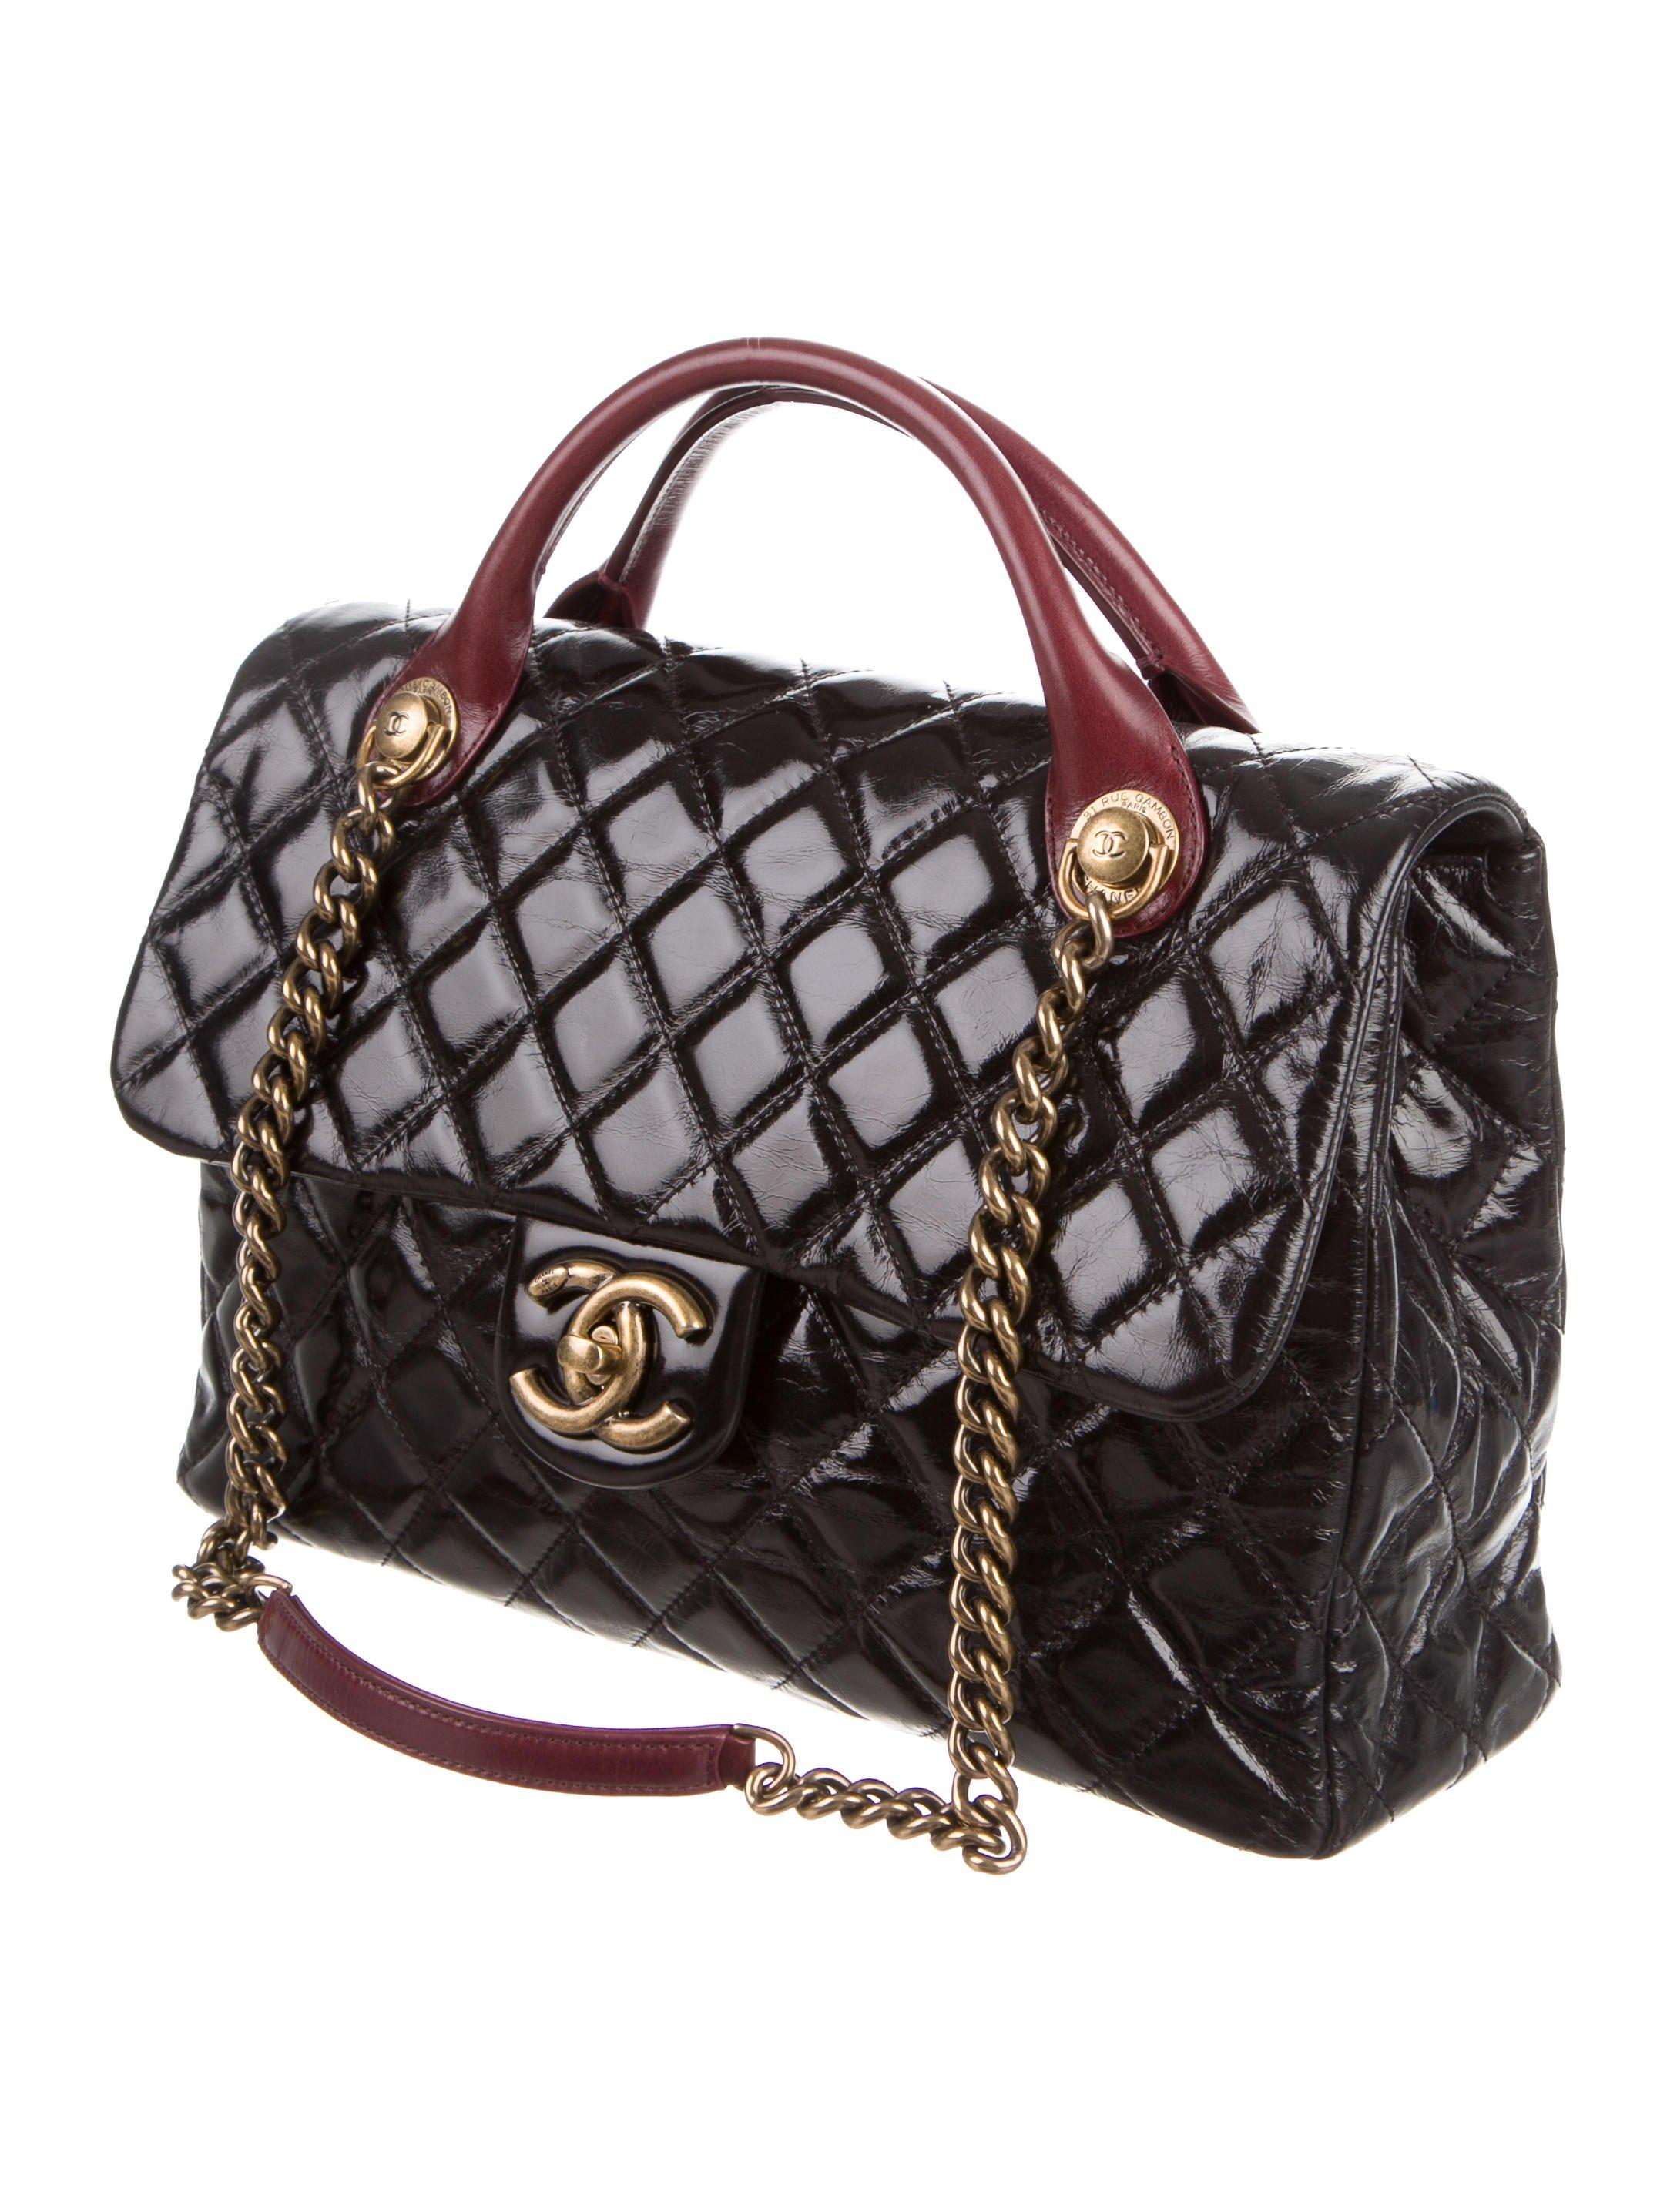 ช่องจัดระเบียบ Chanel Castle Rock Flap Bag 2016